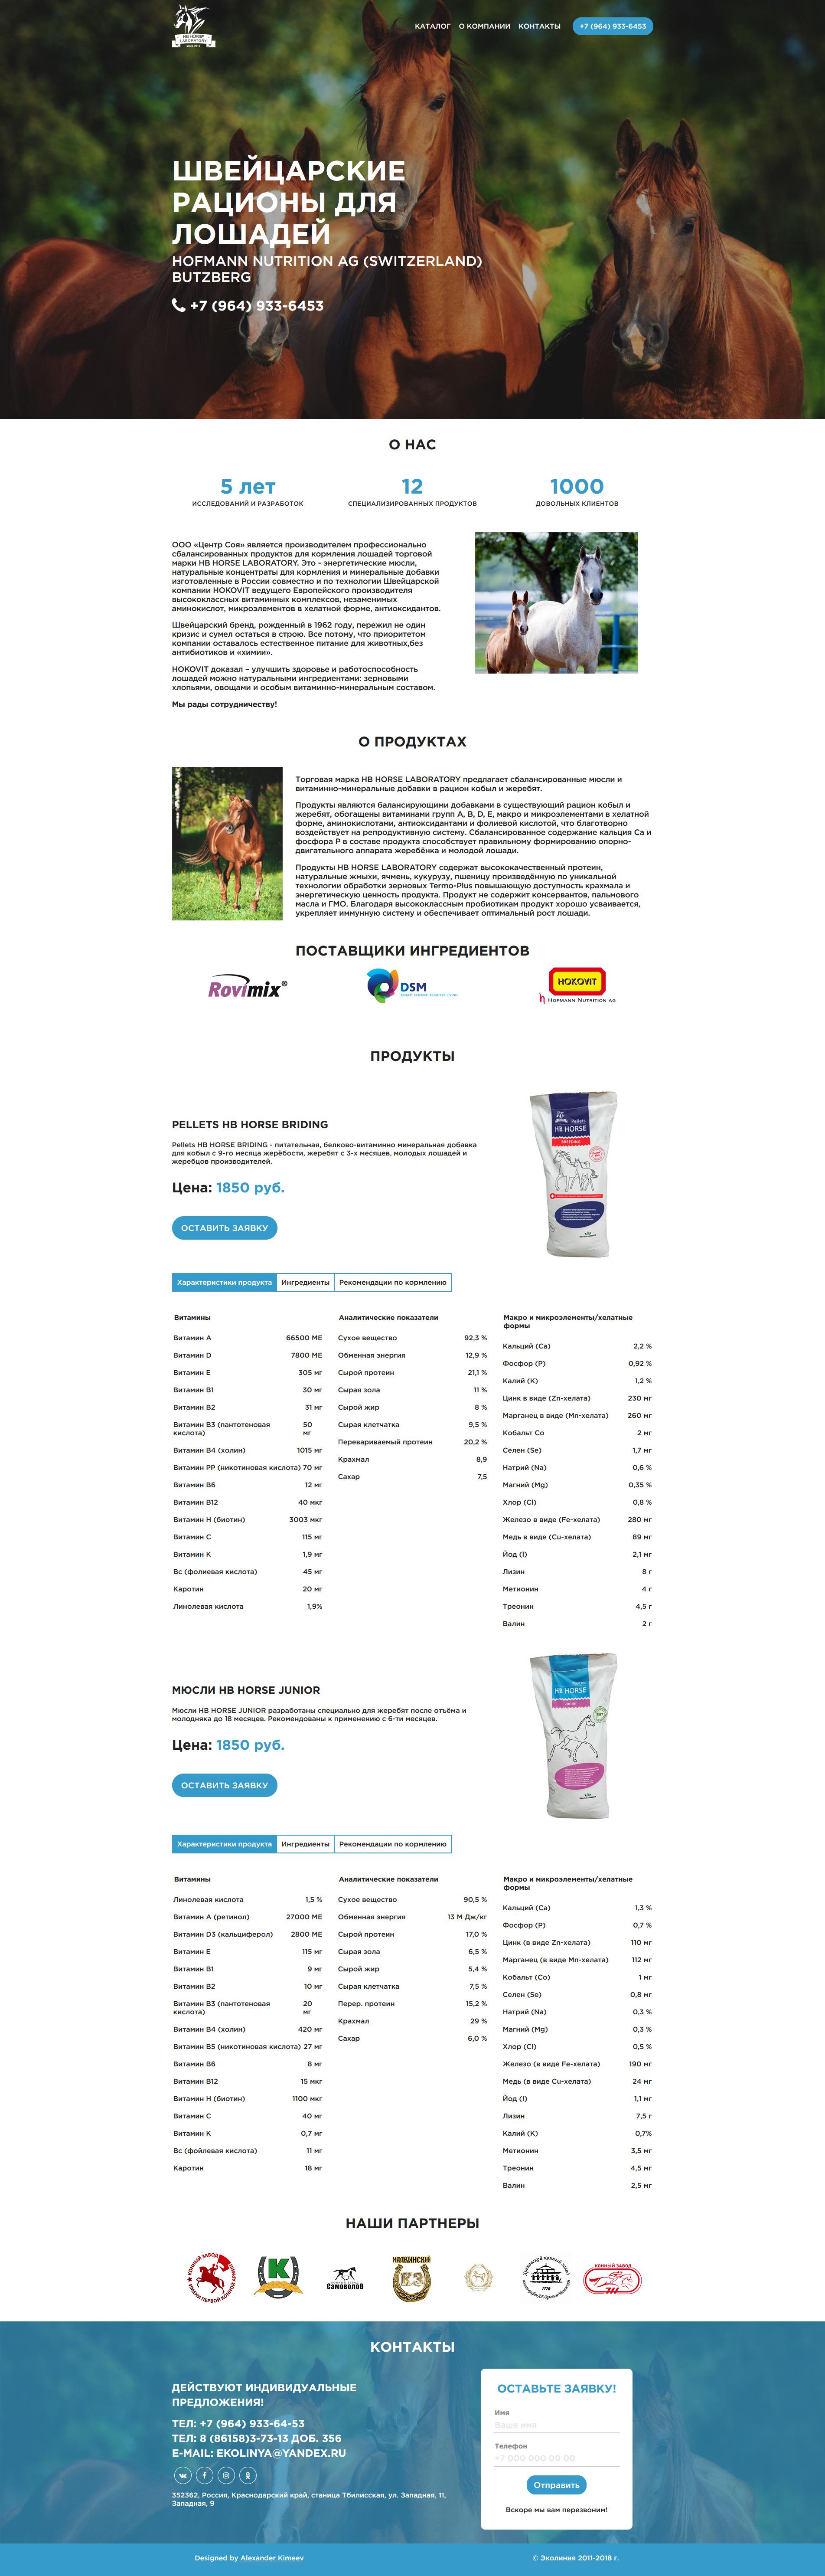 Рационы для лошадей | Лендинг страница на заказ | HTML CSS JQuery Bootstrap